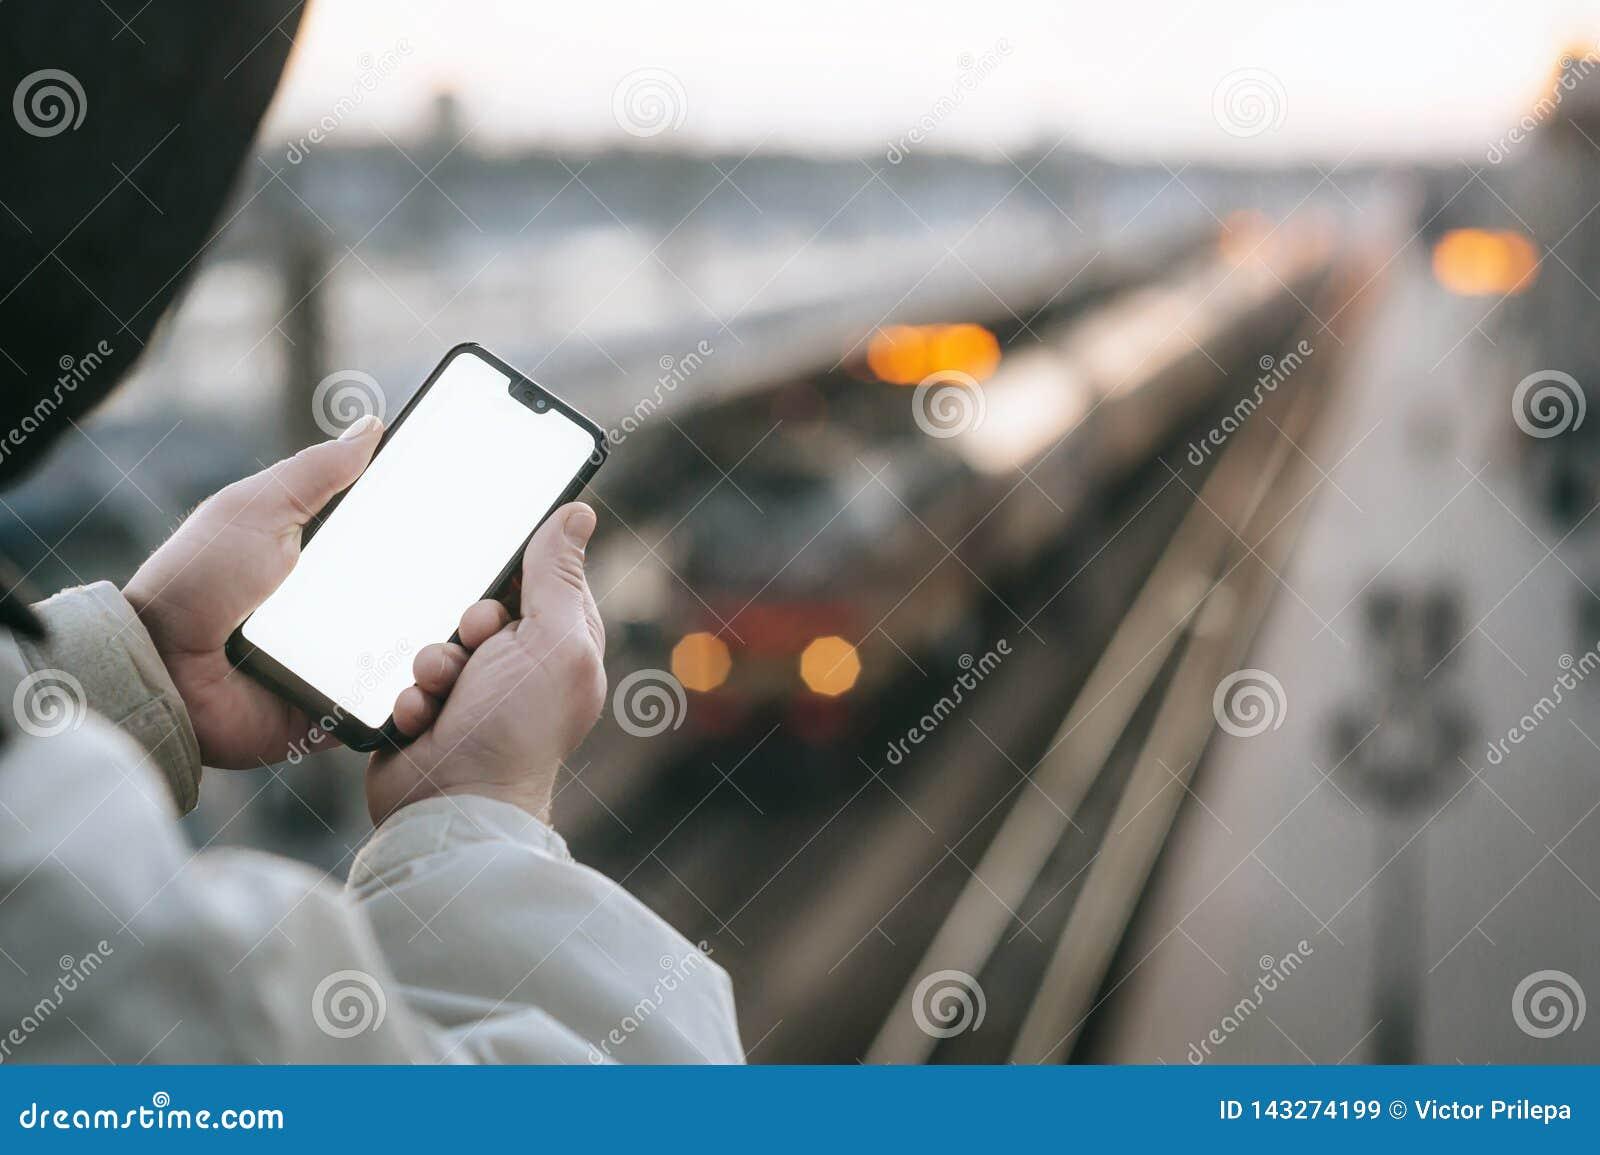 O homem está guardando um smartphone ascendente trocista em sua mão, na perspectiva do trem na estação de trem